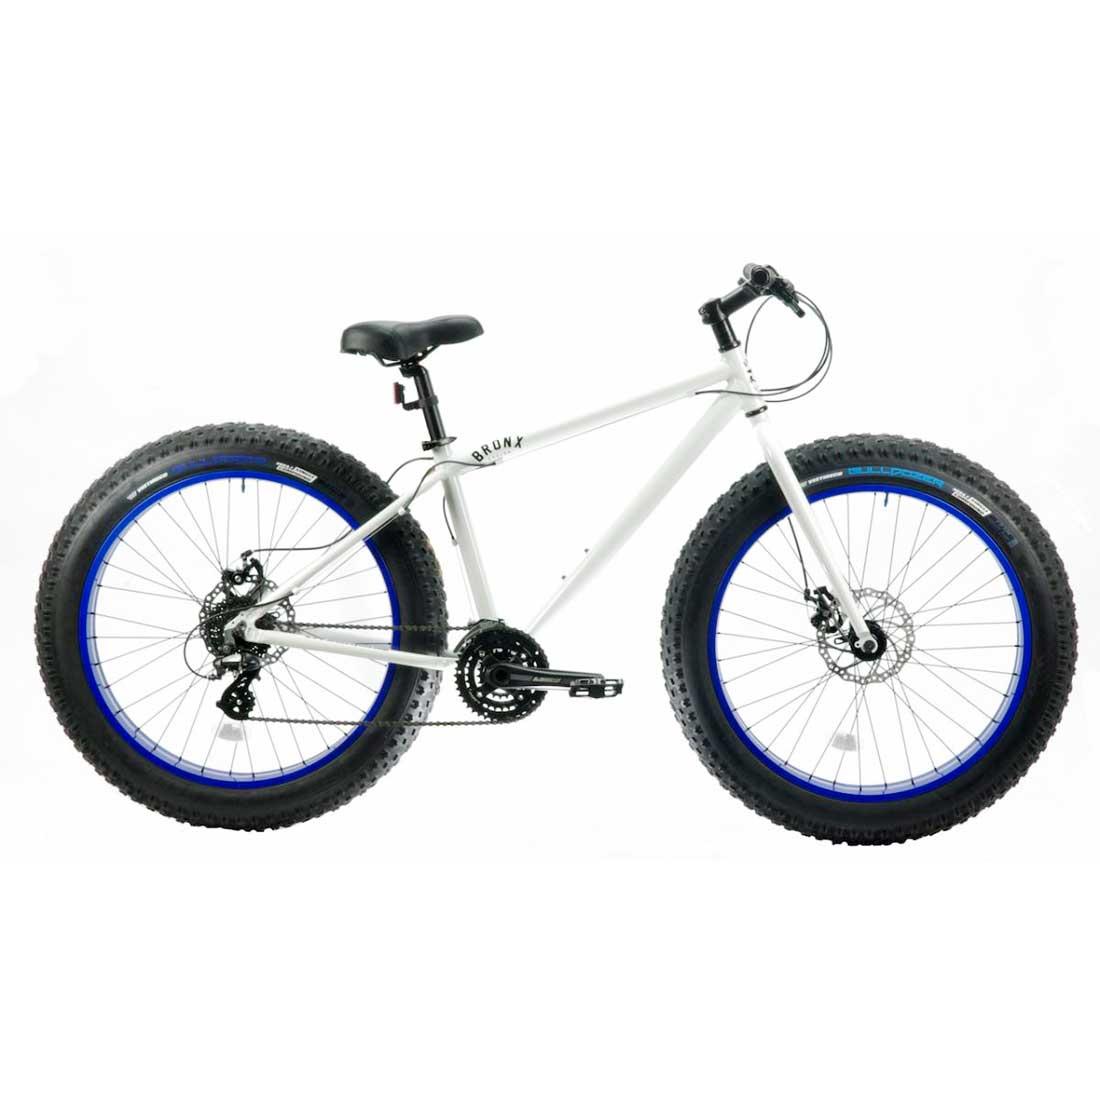 ファットバイク 26インチ 極太タイヤ 軽量 マウンテンバイク 24段変速 おしゃれ 自転車 通勤 通学 ブロンクス 26BRONX-TRX グロスホワイト×ブルーリム メンズ レディース